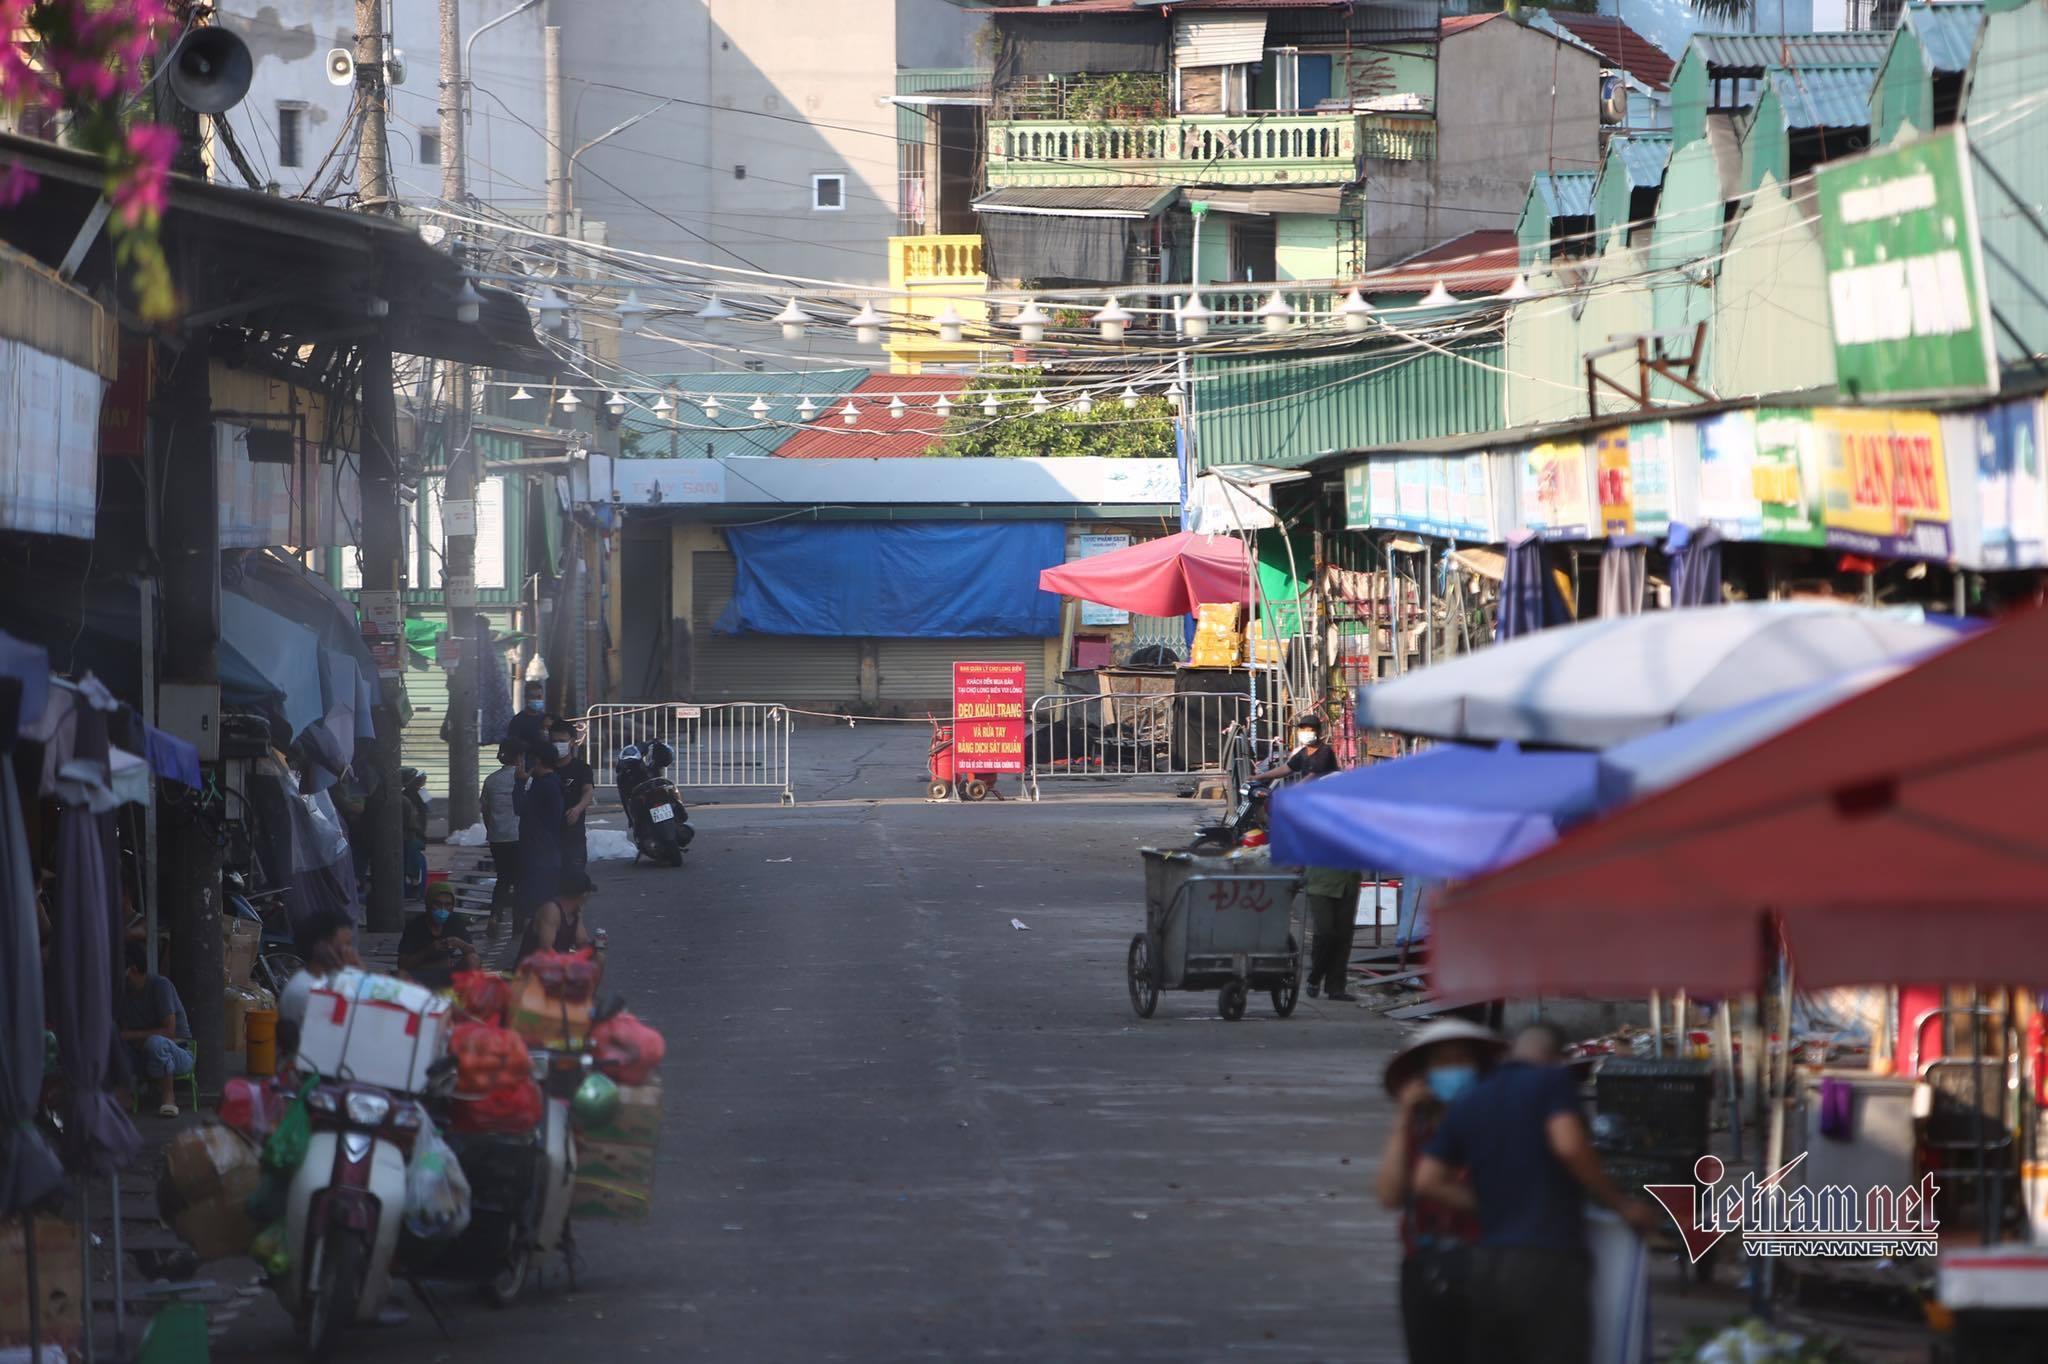 Phong tỏa, tạm ngừng kinh doanh chợ Long Biên vì có thêm ca Covid-19